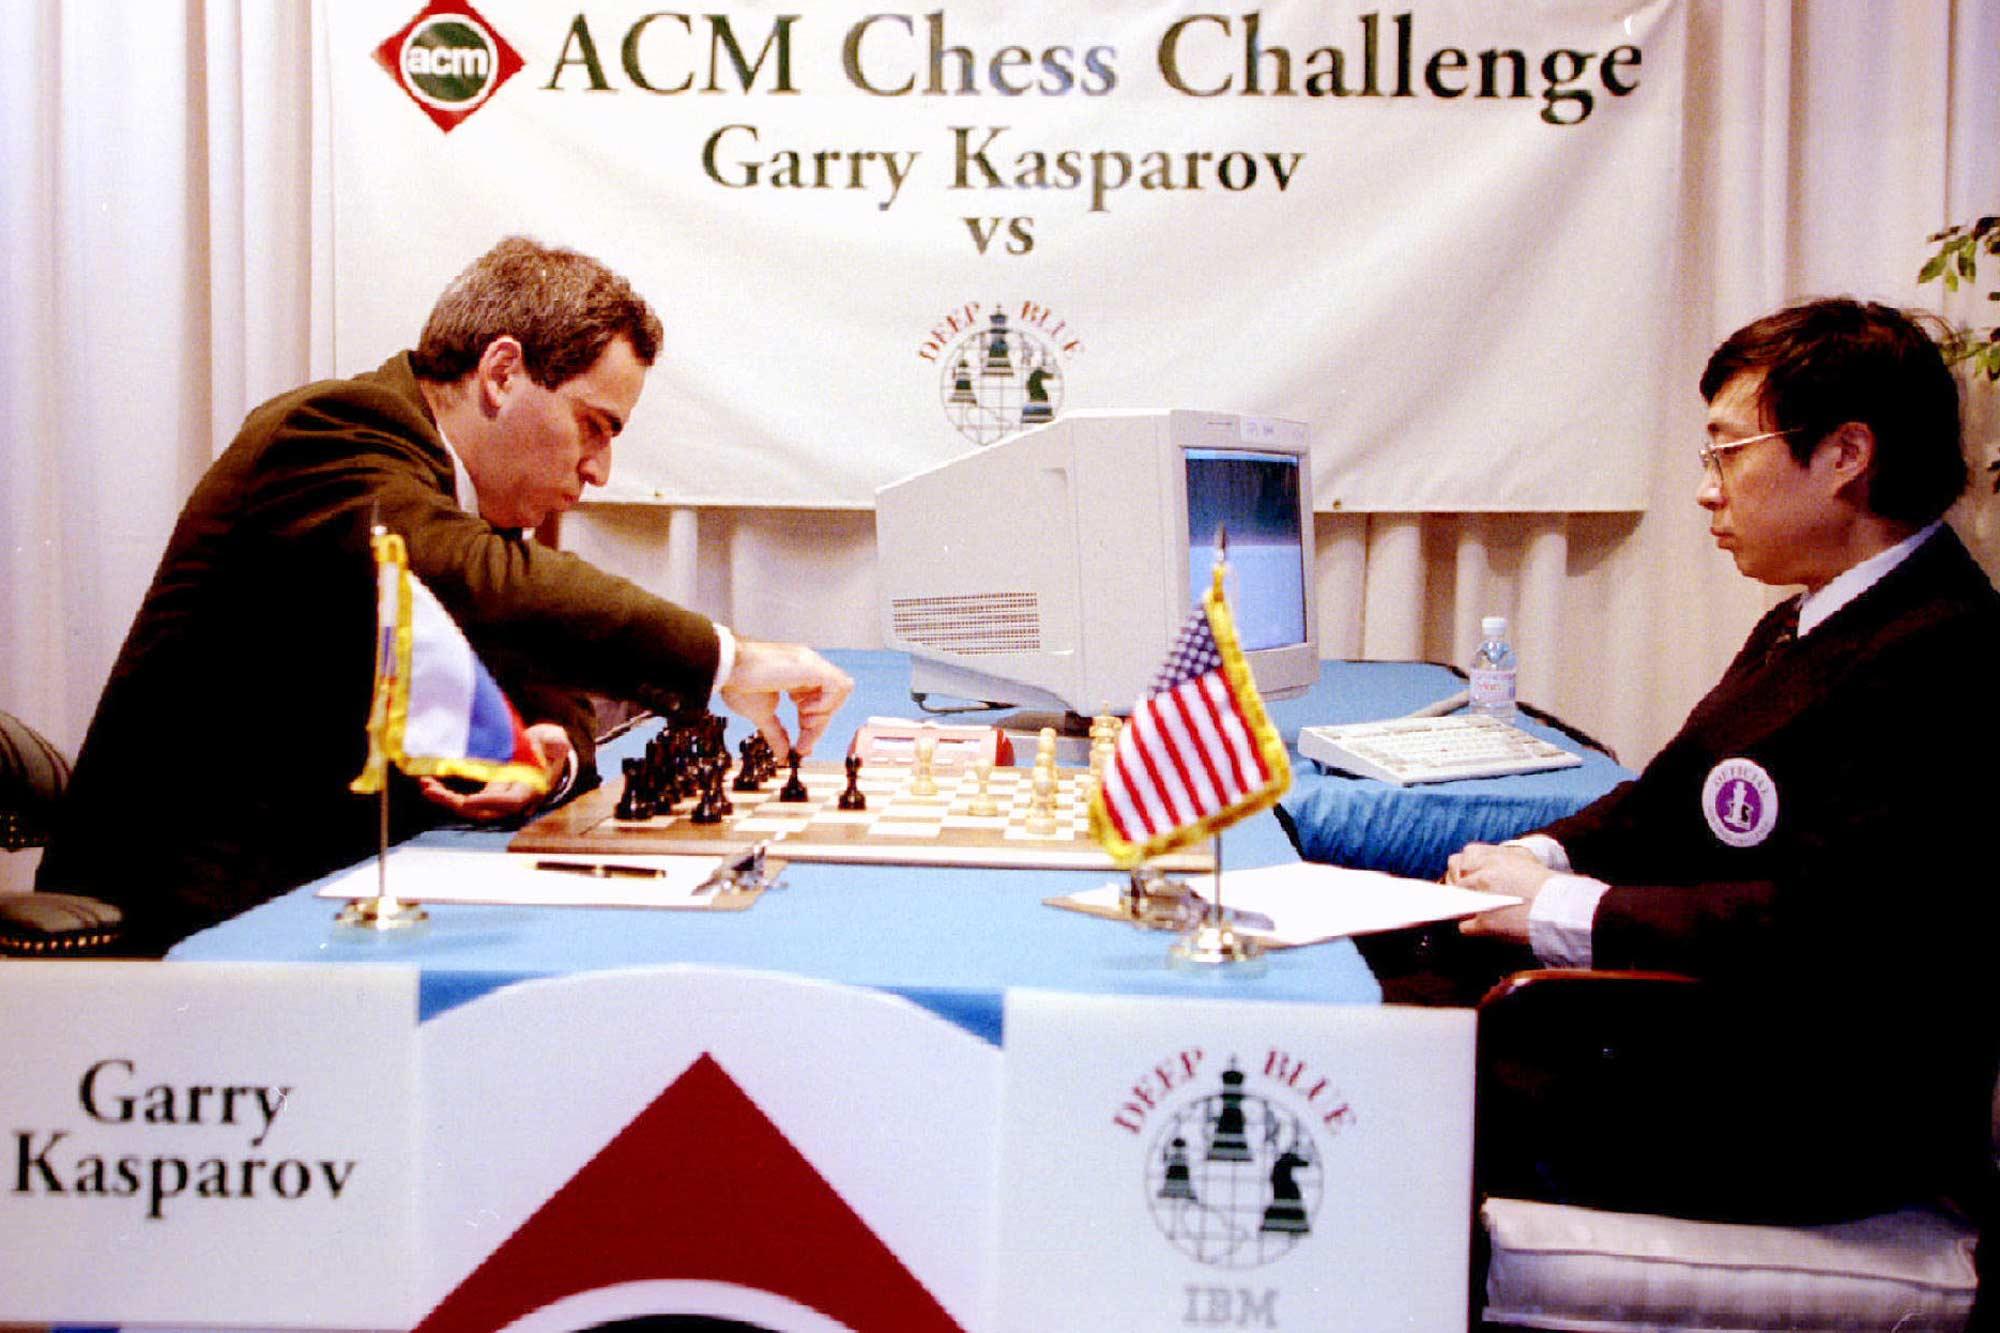 Inteligencia artificial: de Kasparov a Sedol, dos maneras de enfrentar la derrota ante las máquinas